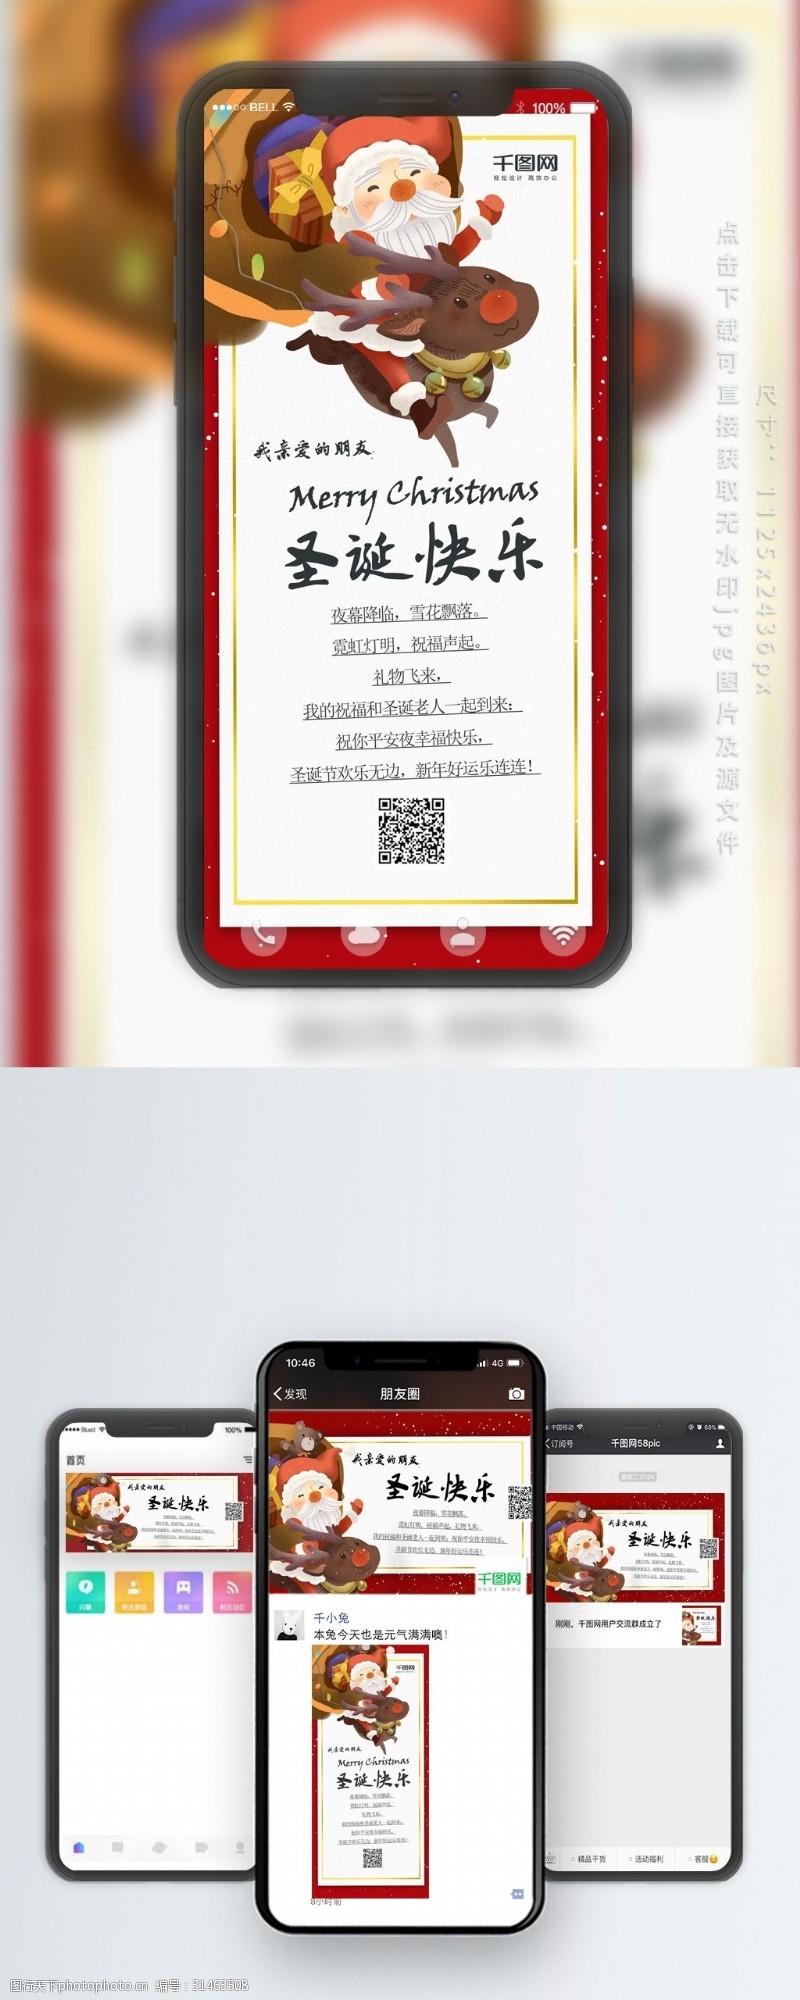 圣诞节手写贺卡风手机微信配图